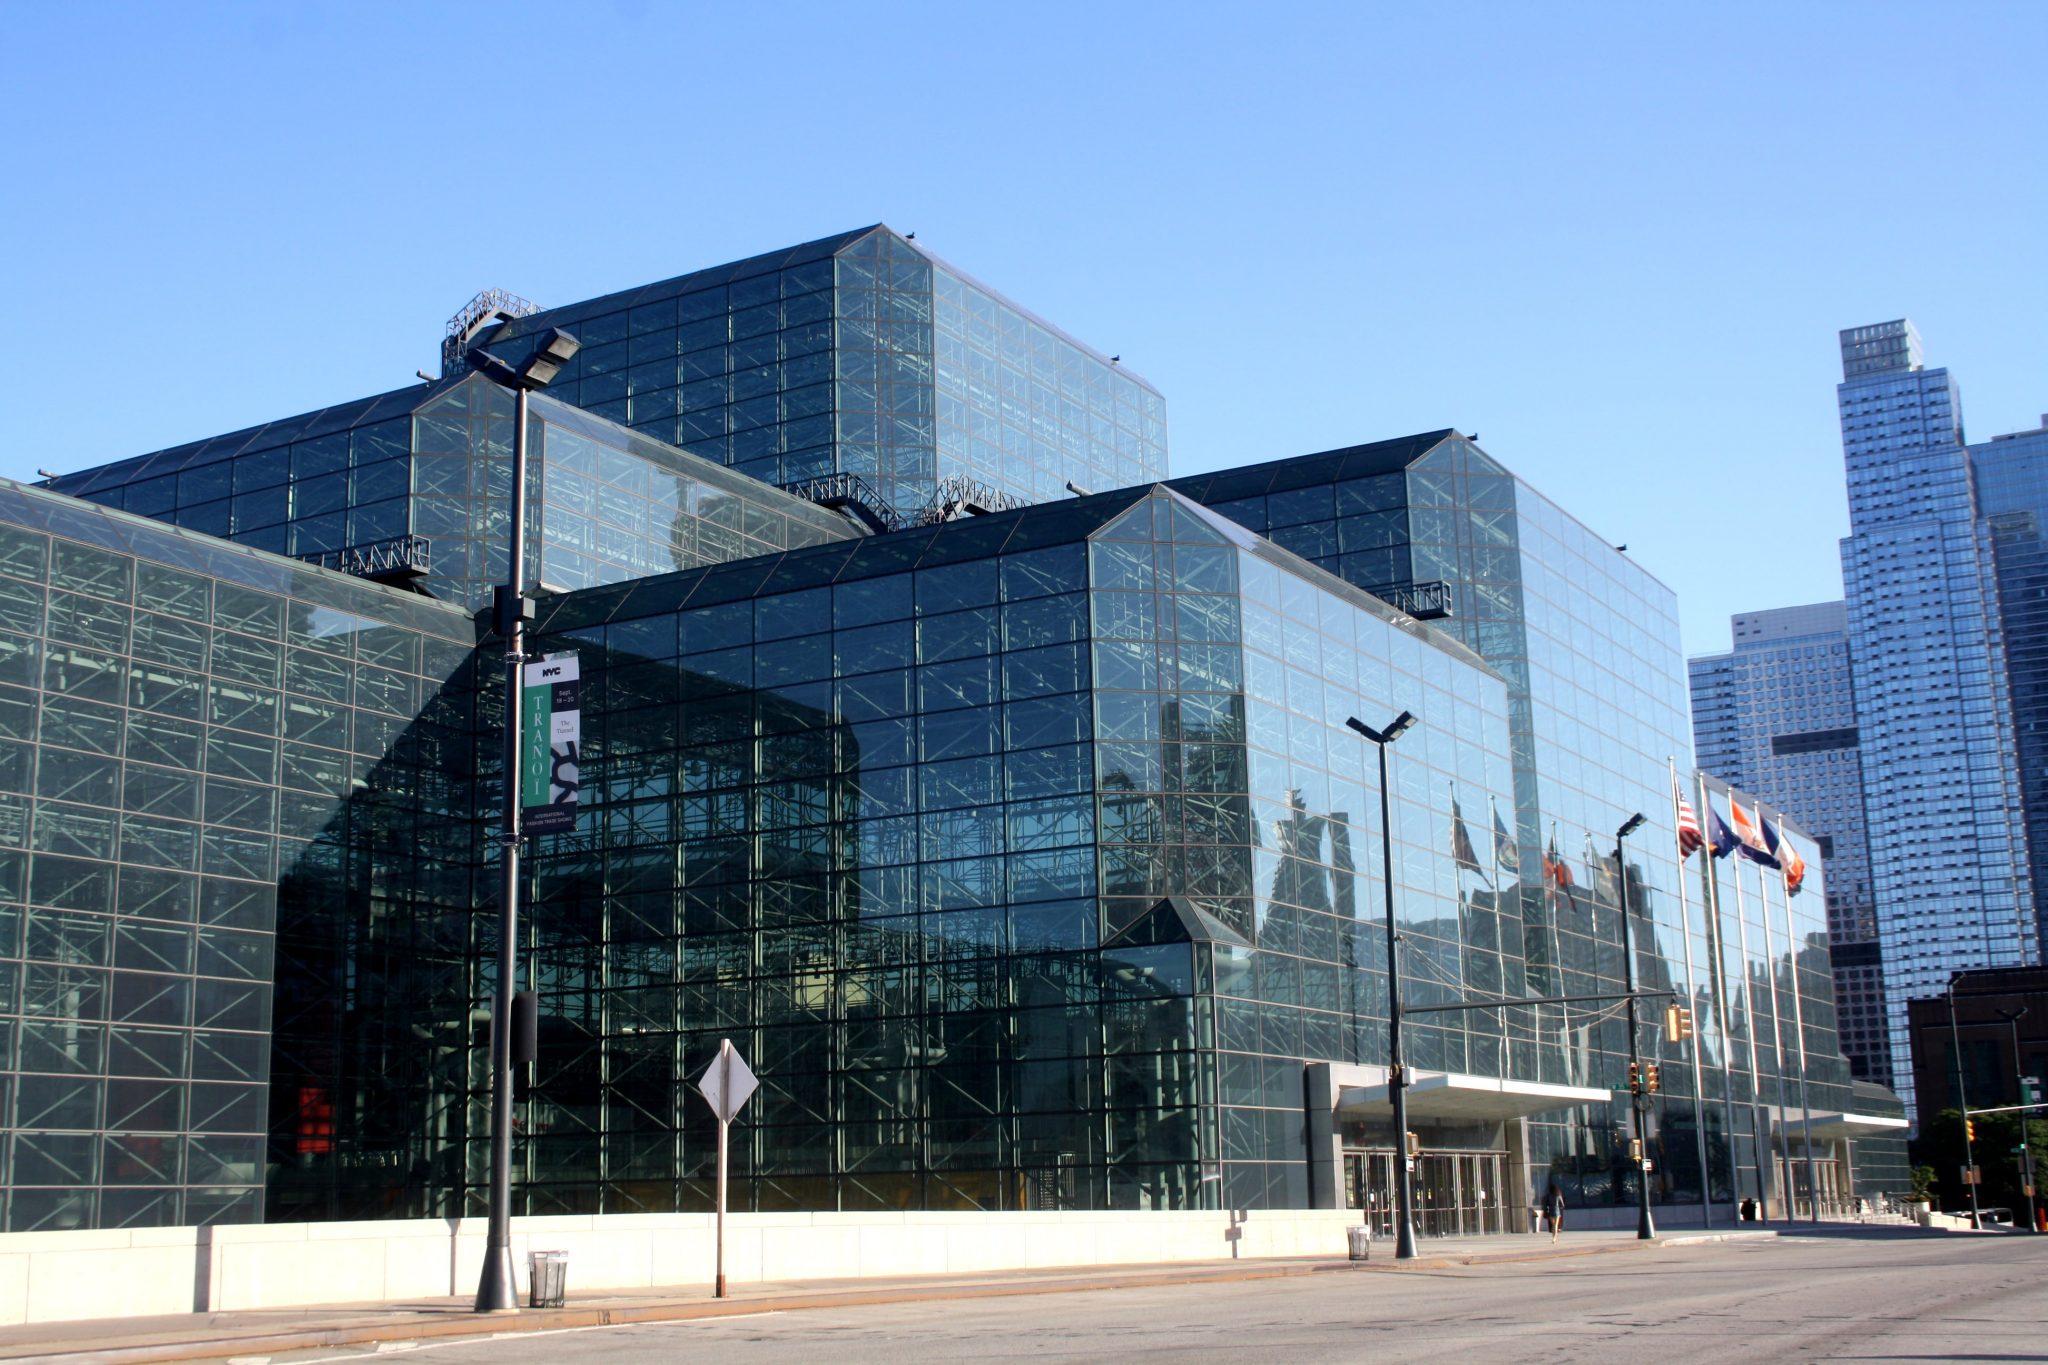 طراحی و معماری ساختمان جاویت آی ام پی استوارسازان